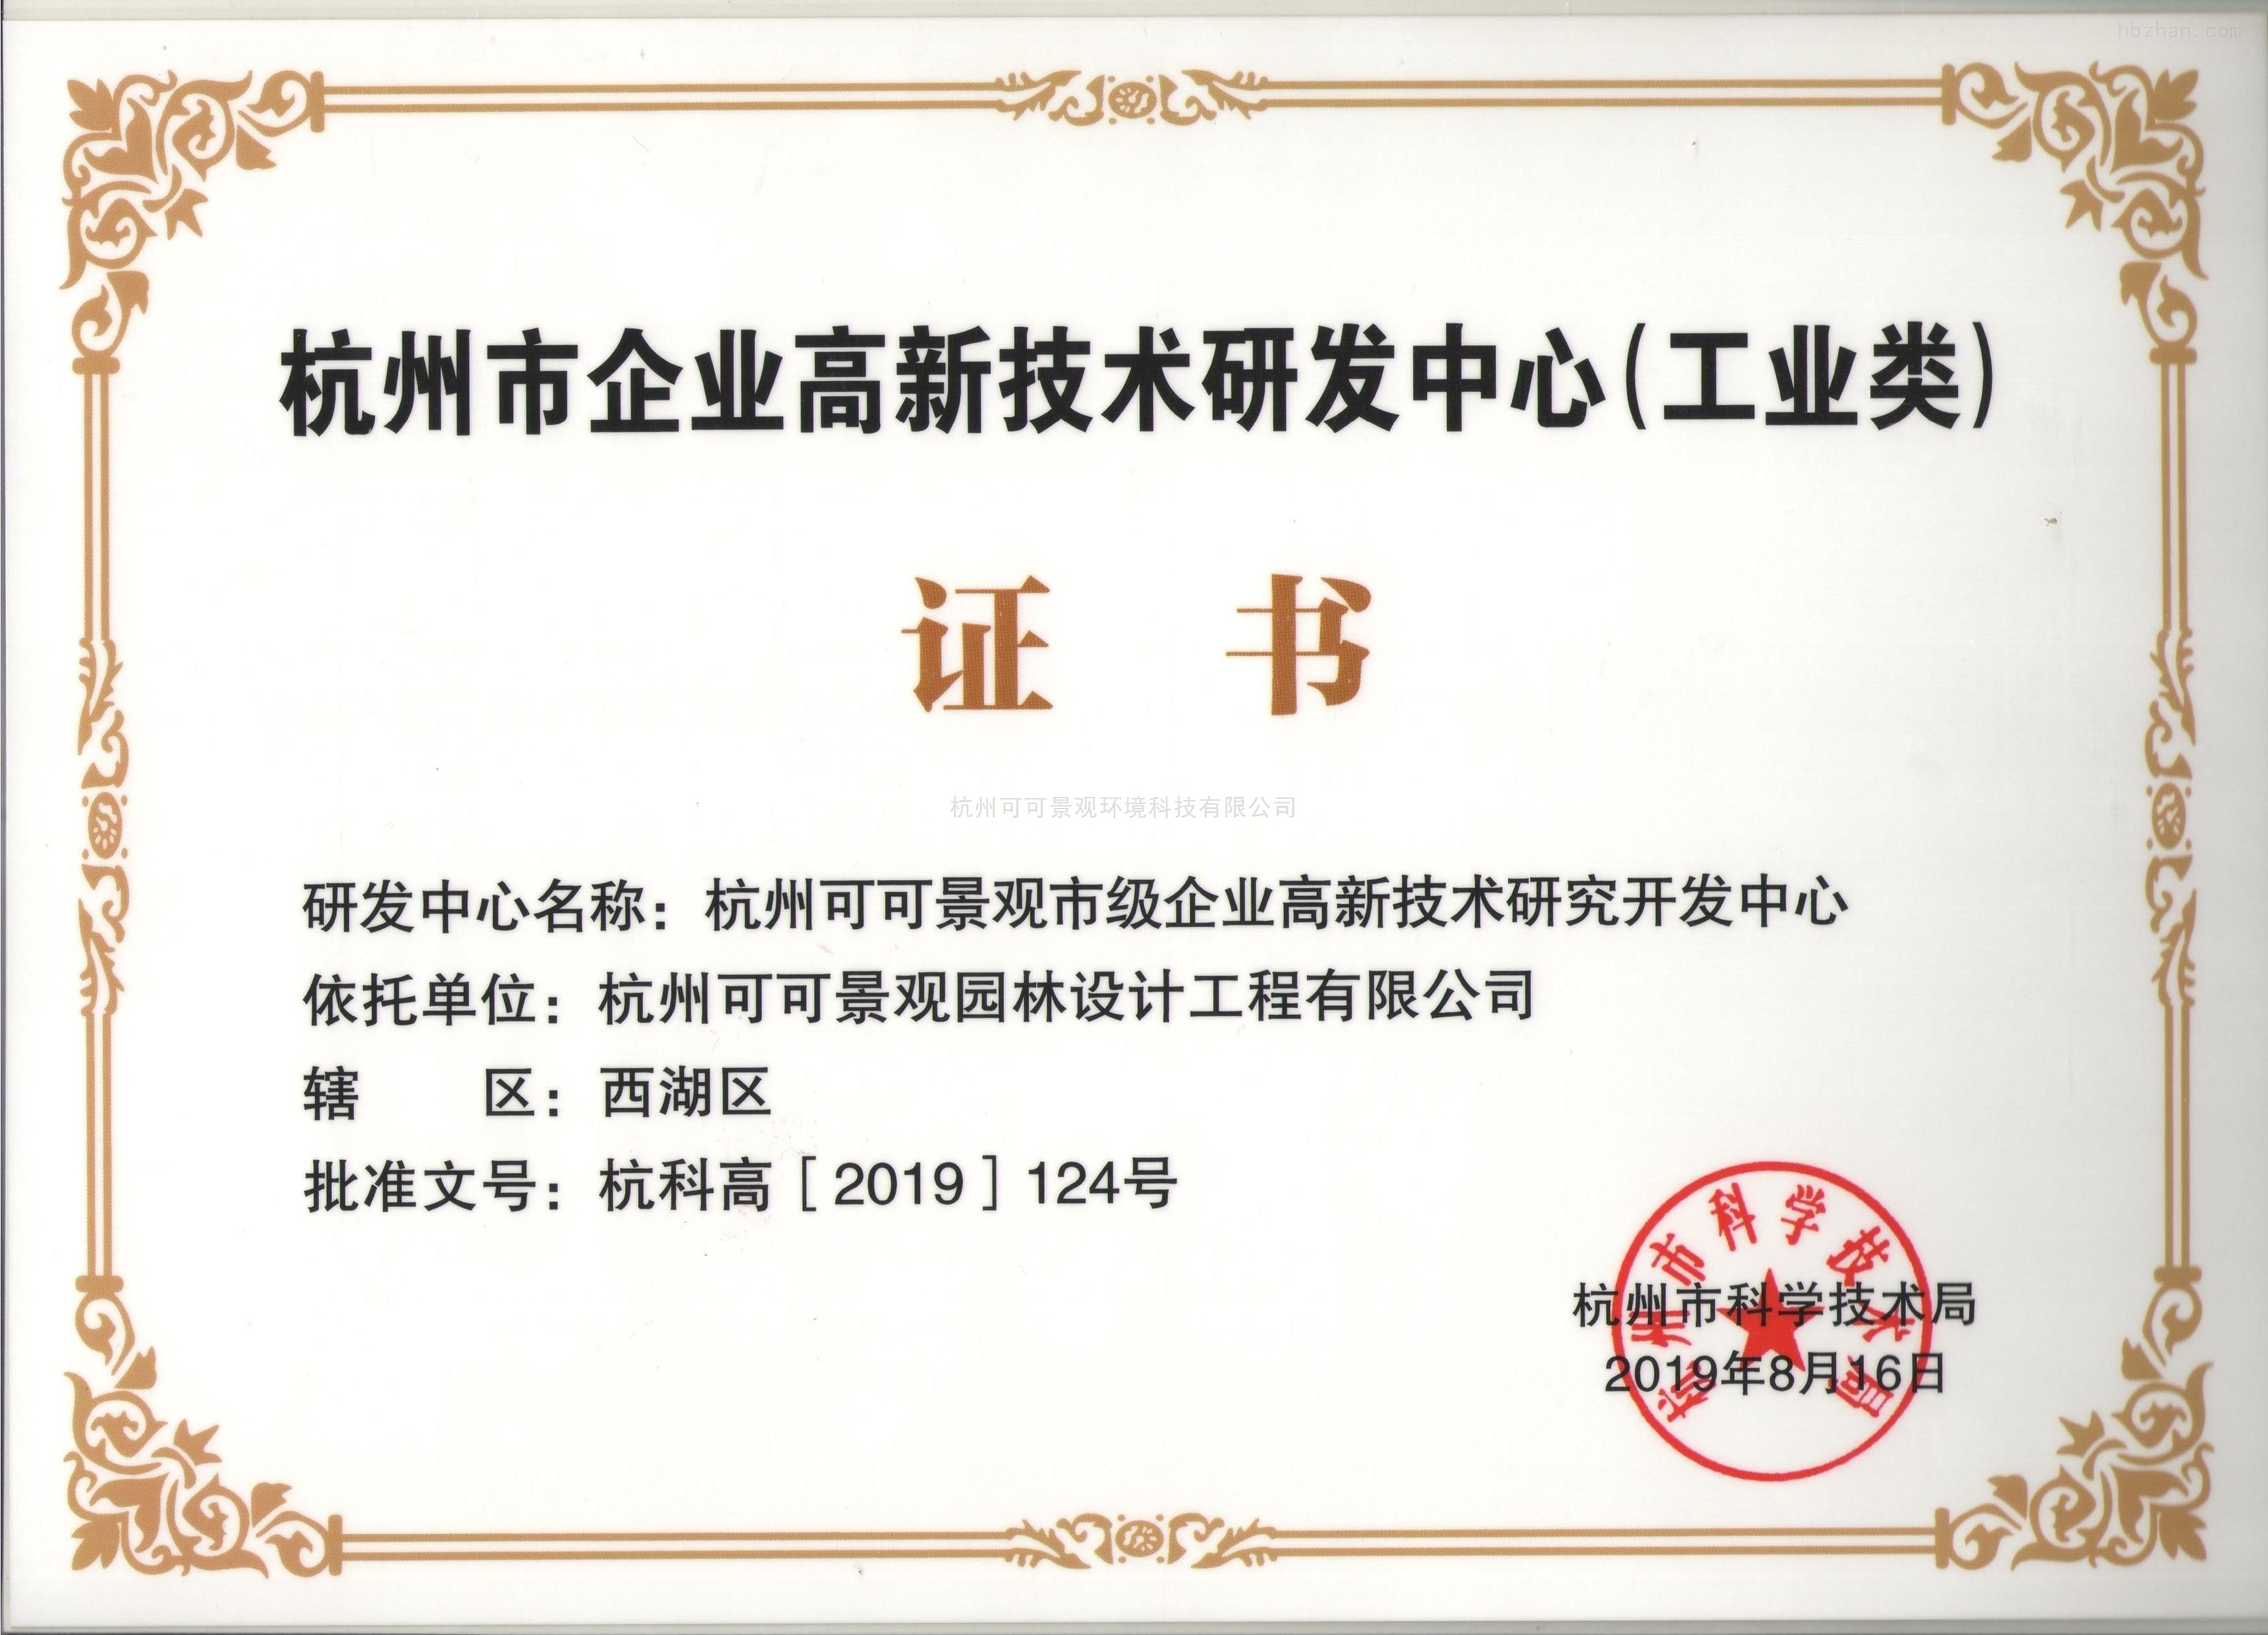 杭州市企业高新技术研发中心(工业类)